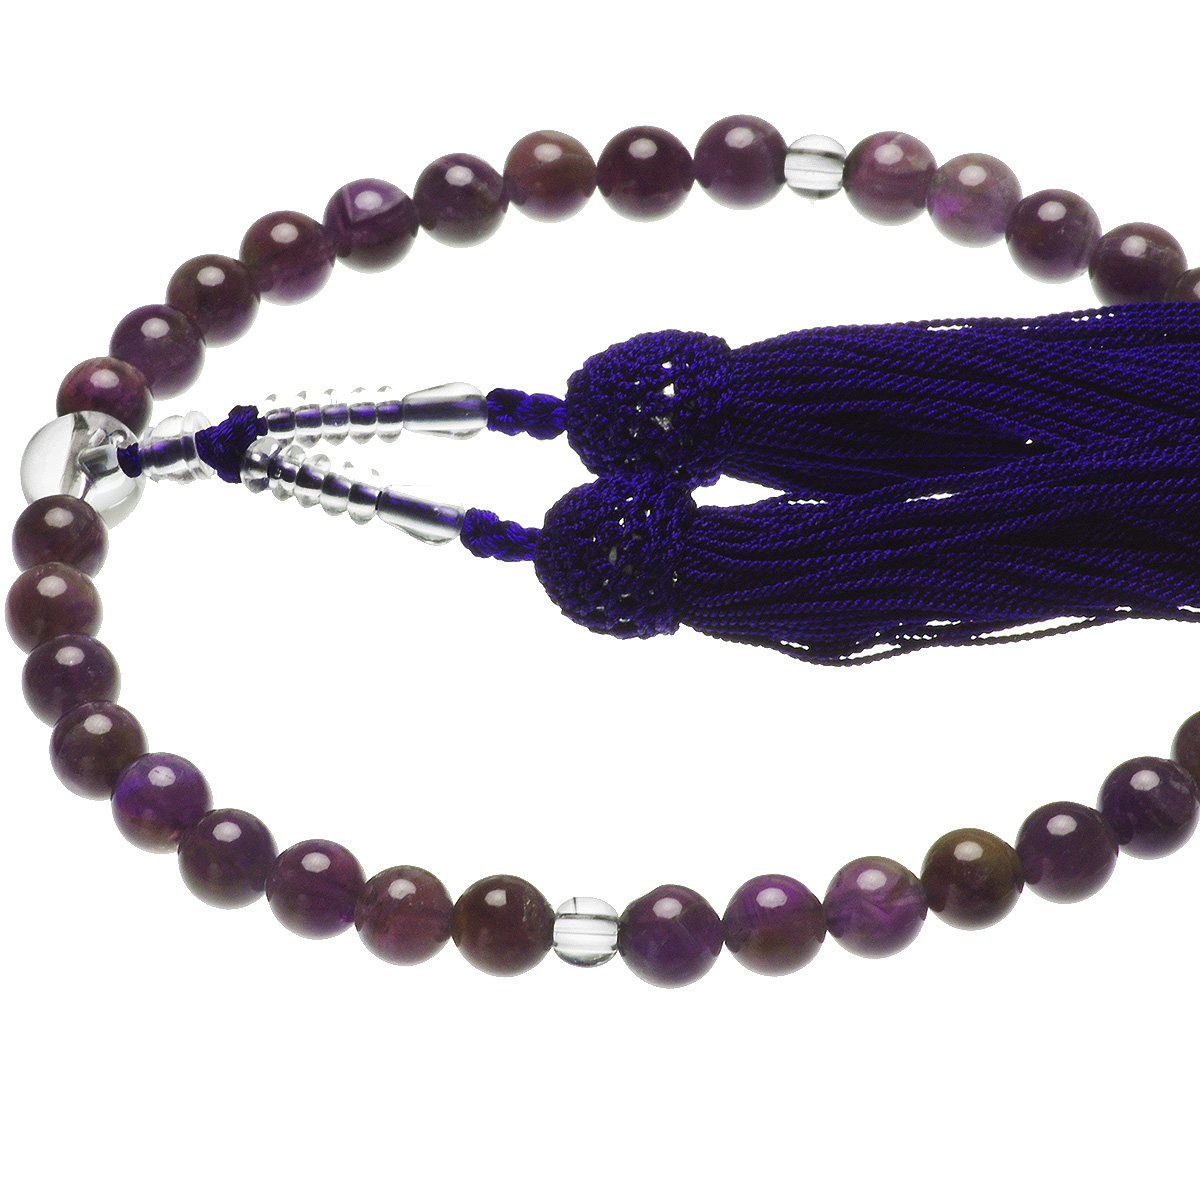 天然石 アメシスト 紫水晶 略式 念珠 数珠 約7.5mm すべての宗派の写真